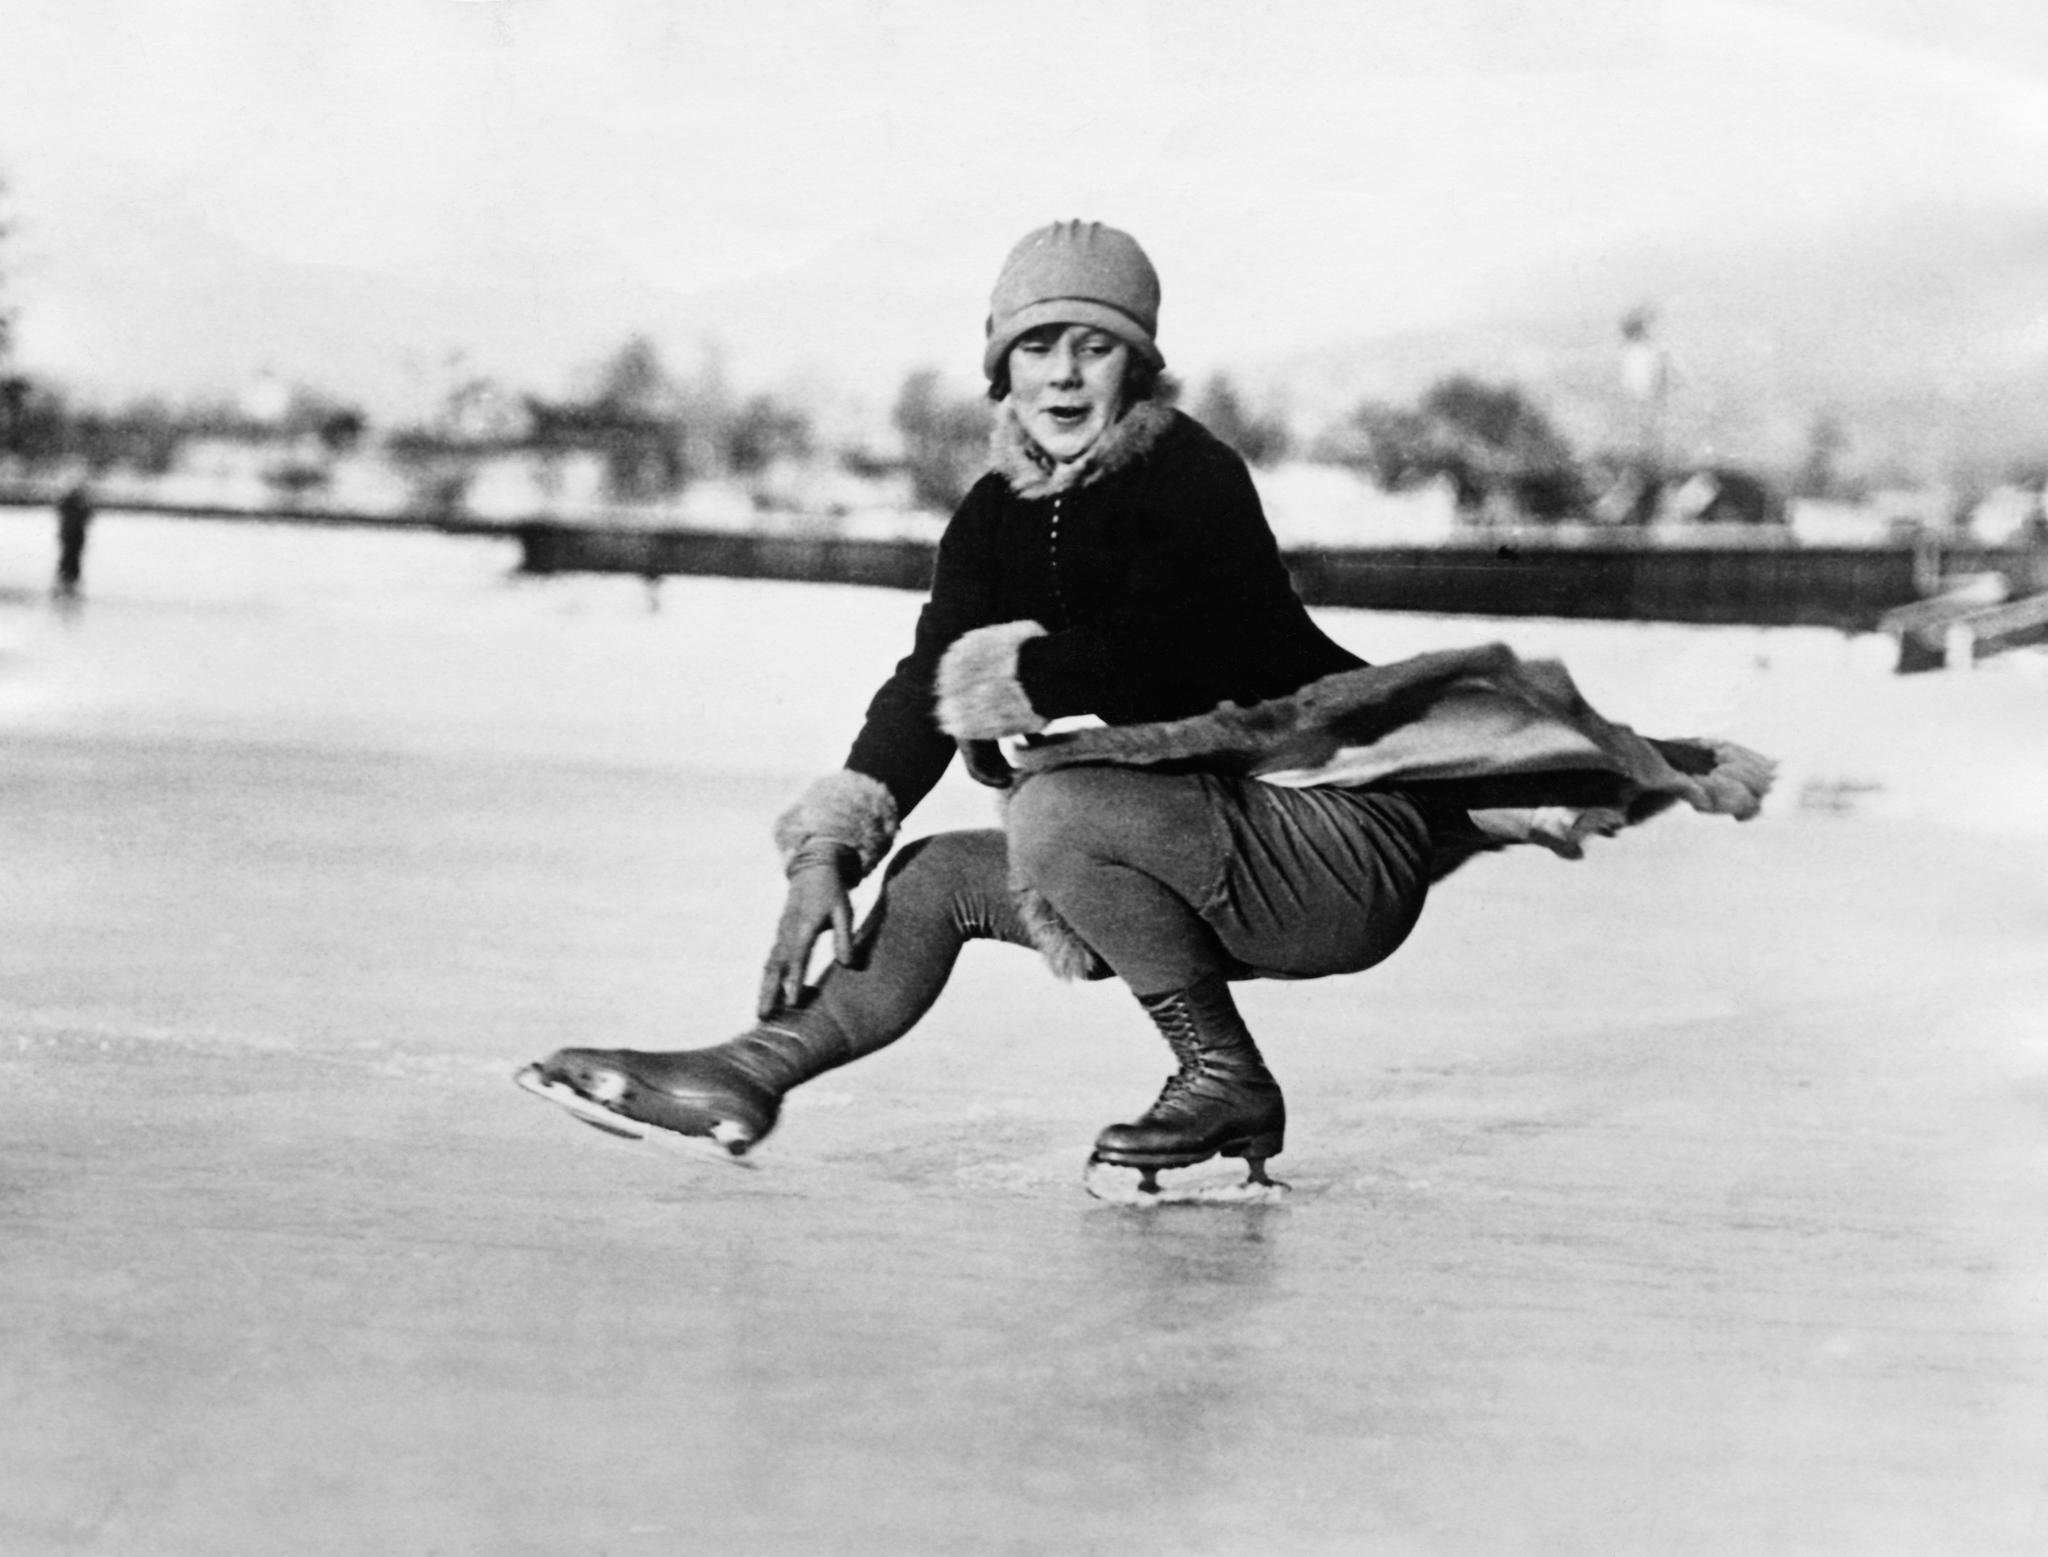 Sonja Henie em posição agachada enquanto patina (© George Rinhart/Corbis/Getty Images)